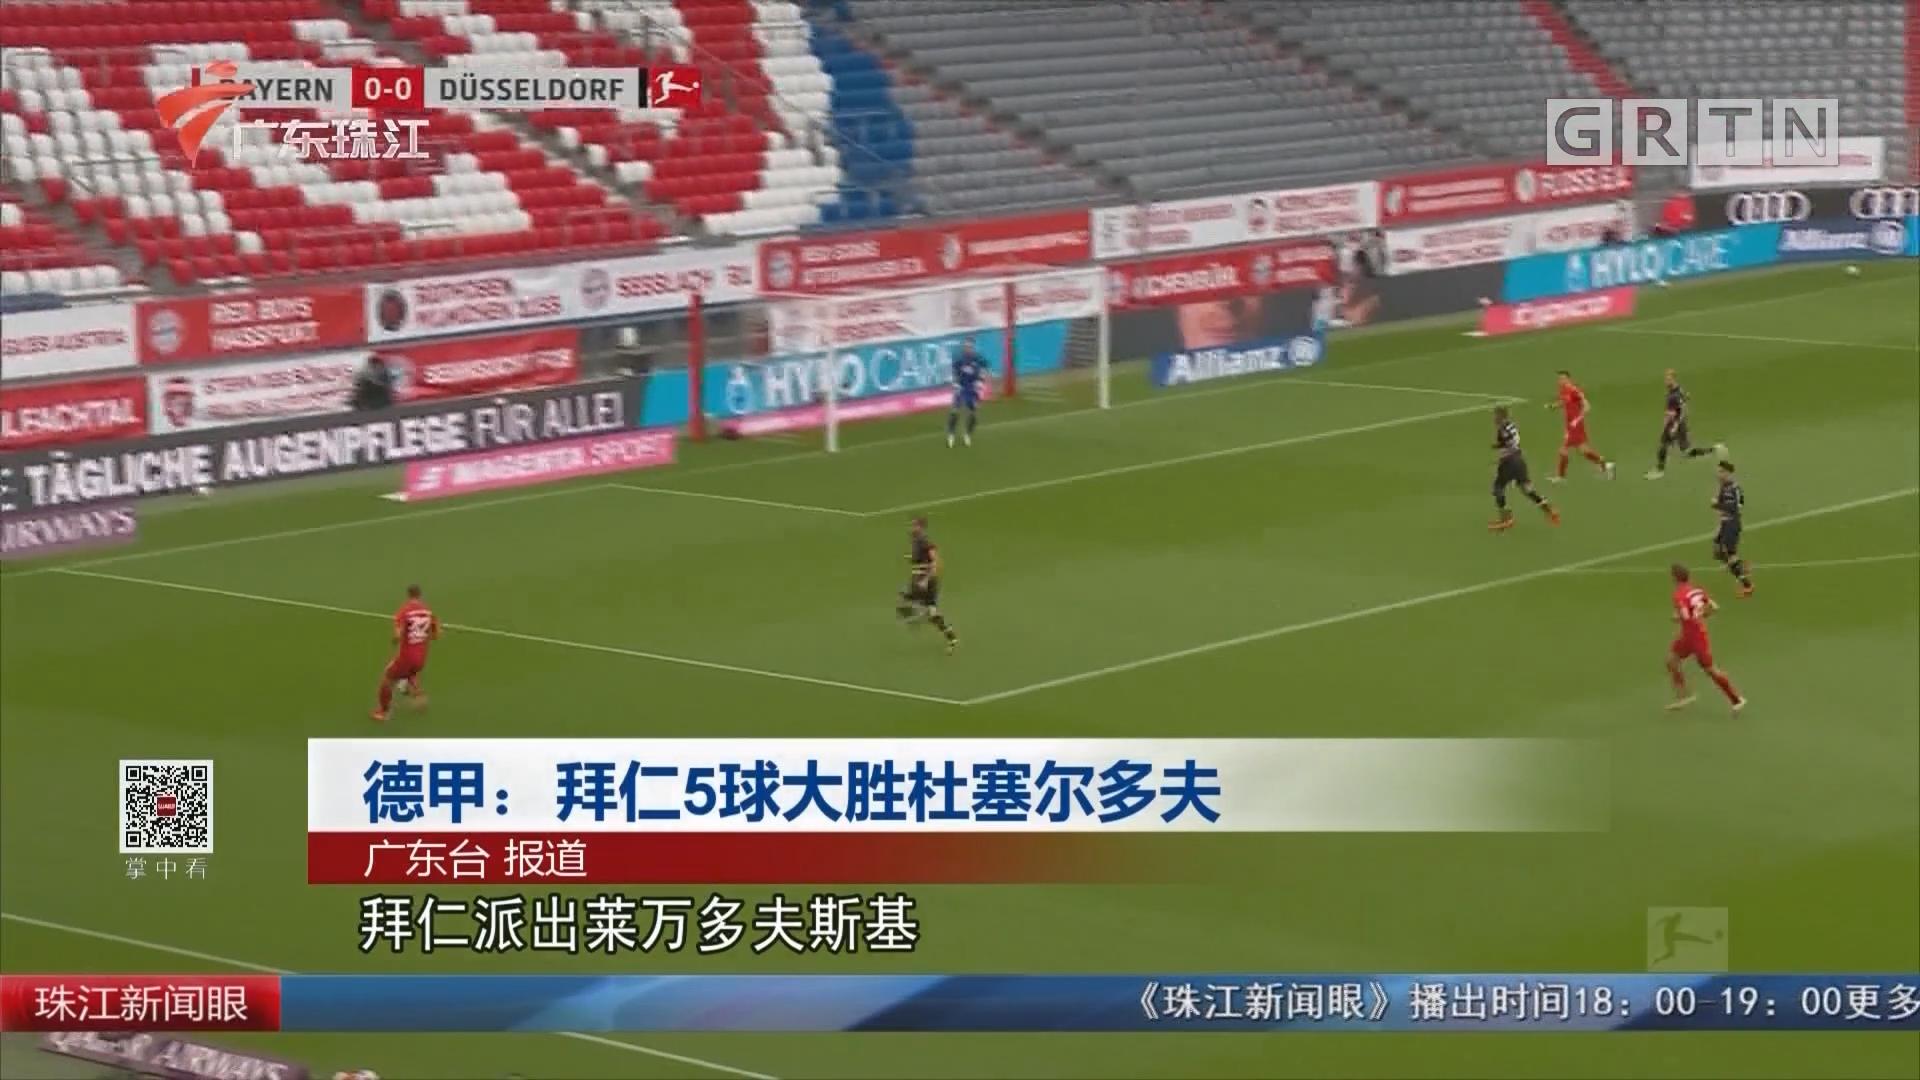 德甲:拜仁5球大勝杜塞爾多夫